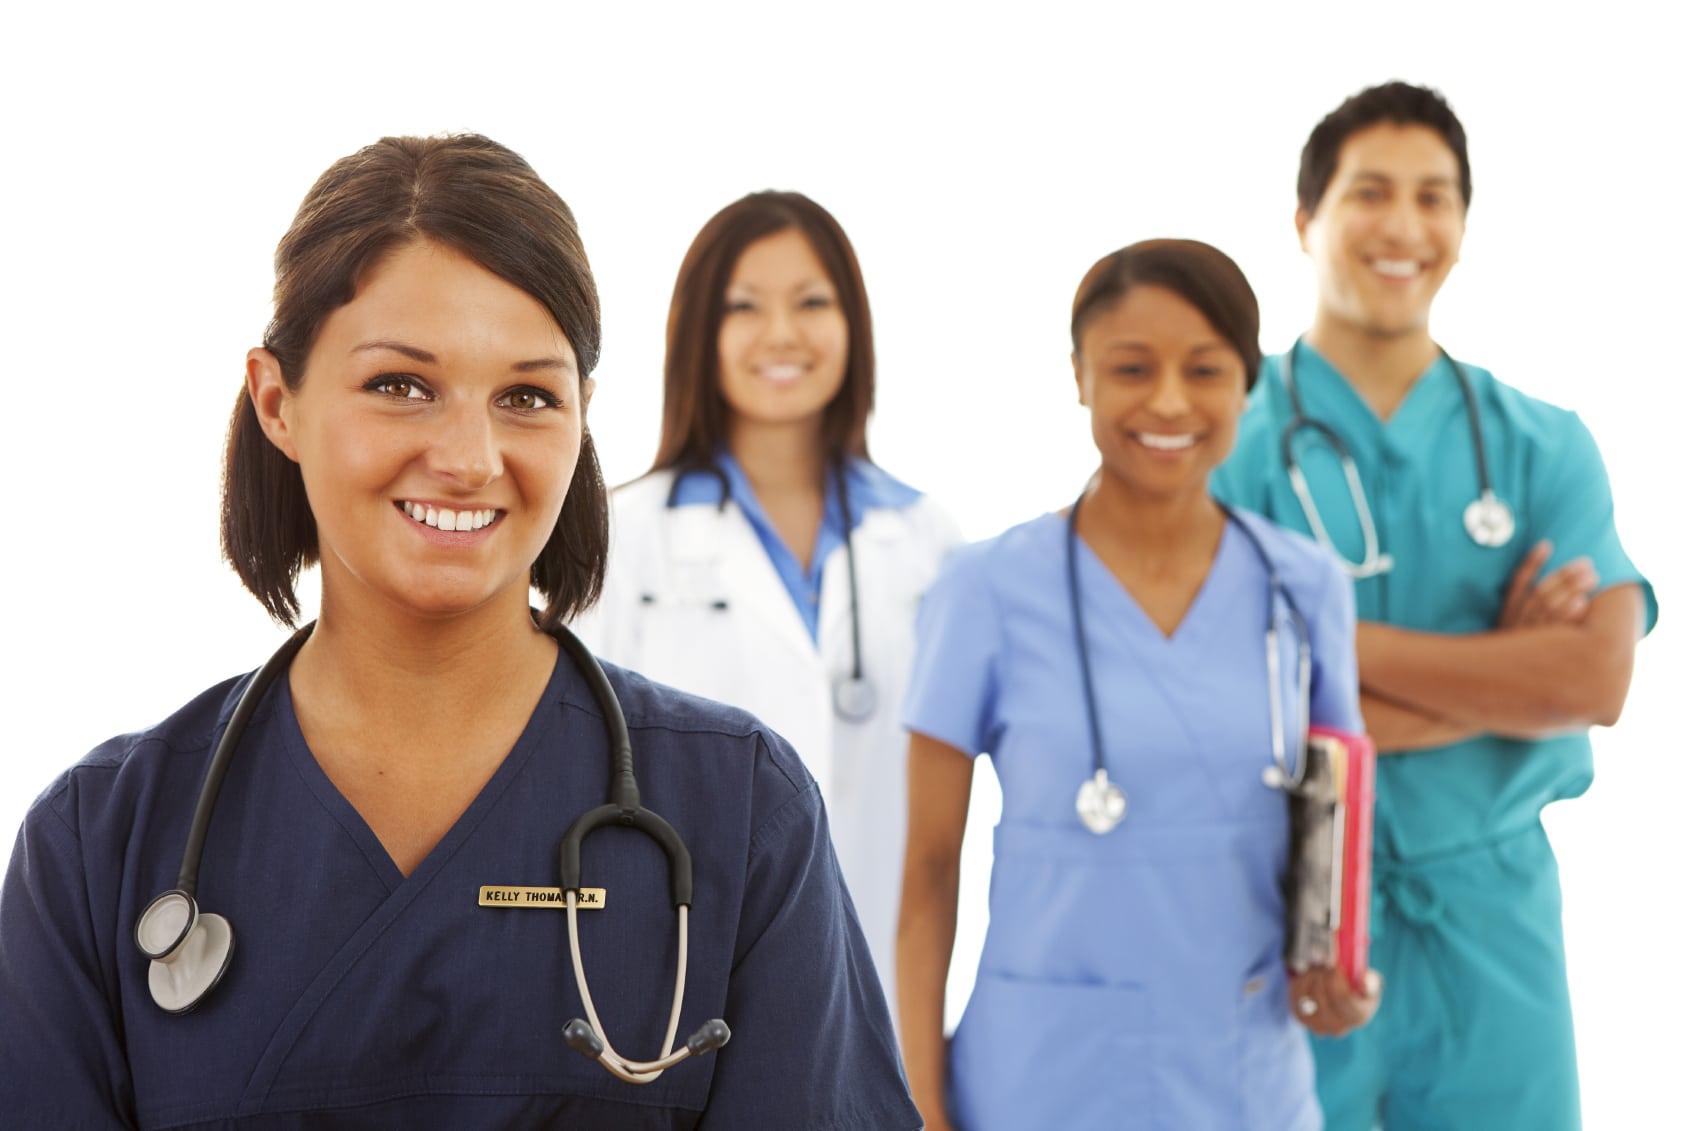 Quelles sont les activités d'un médecin généraliste?